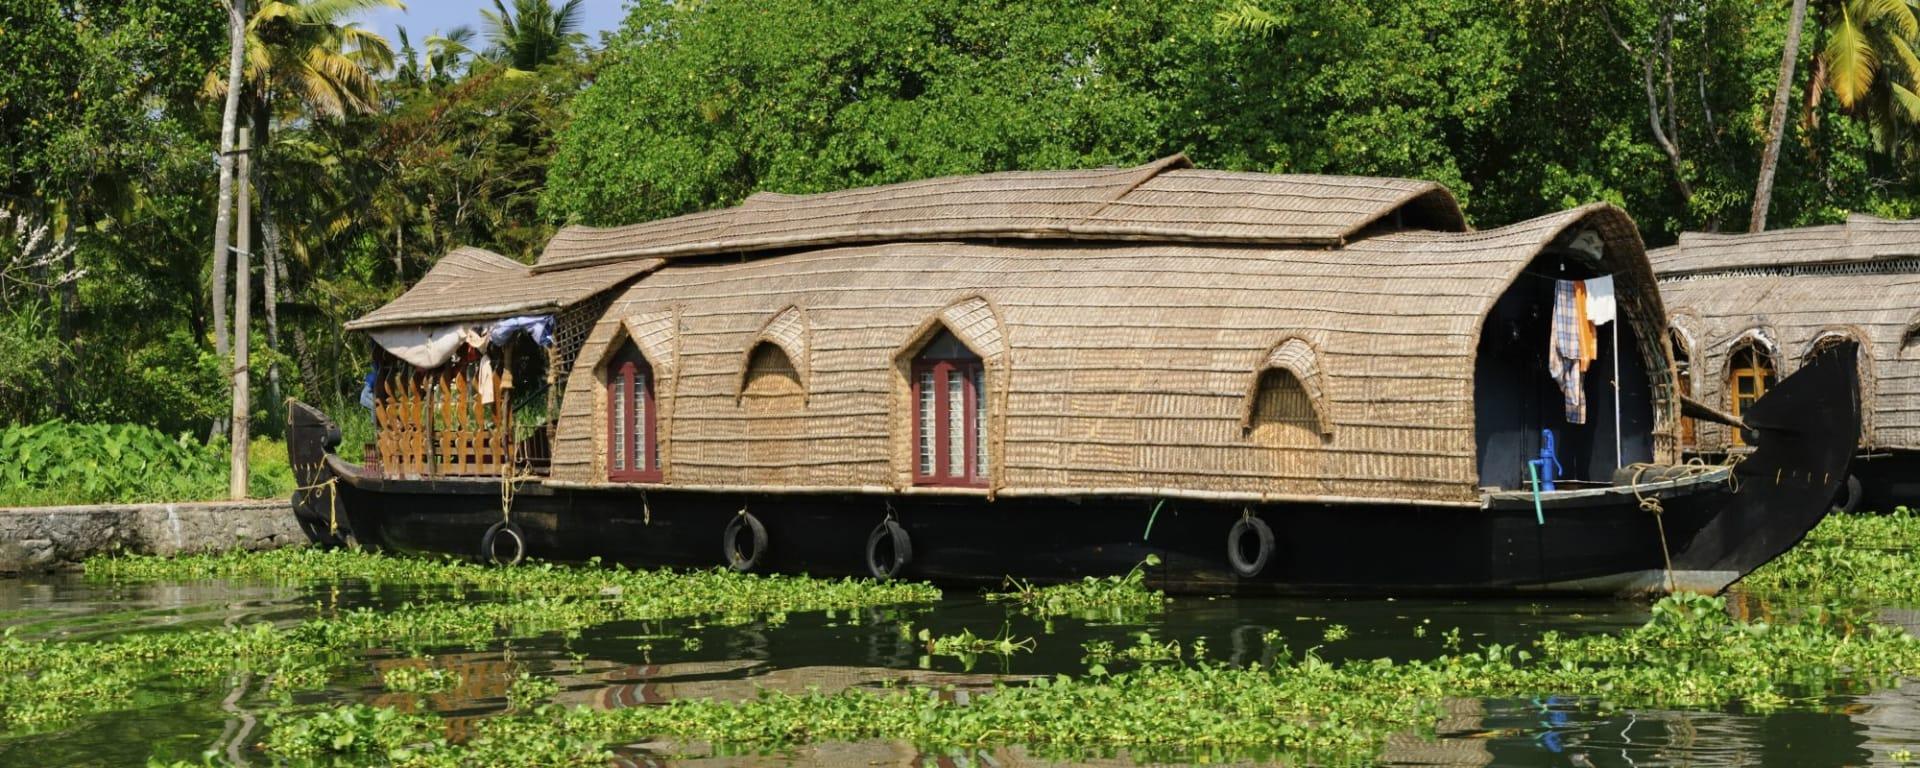 Les Backwaters du Kerala de Kochi: Backwaters: House Boat